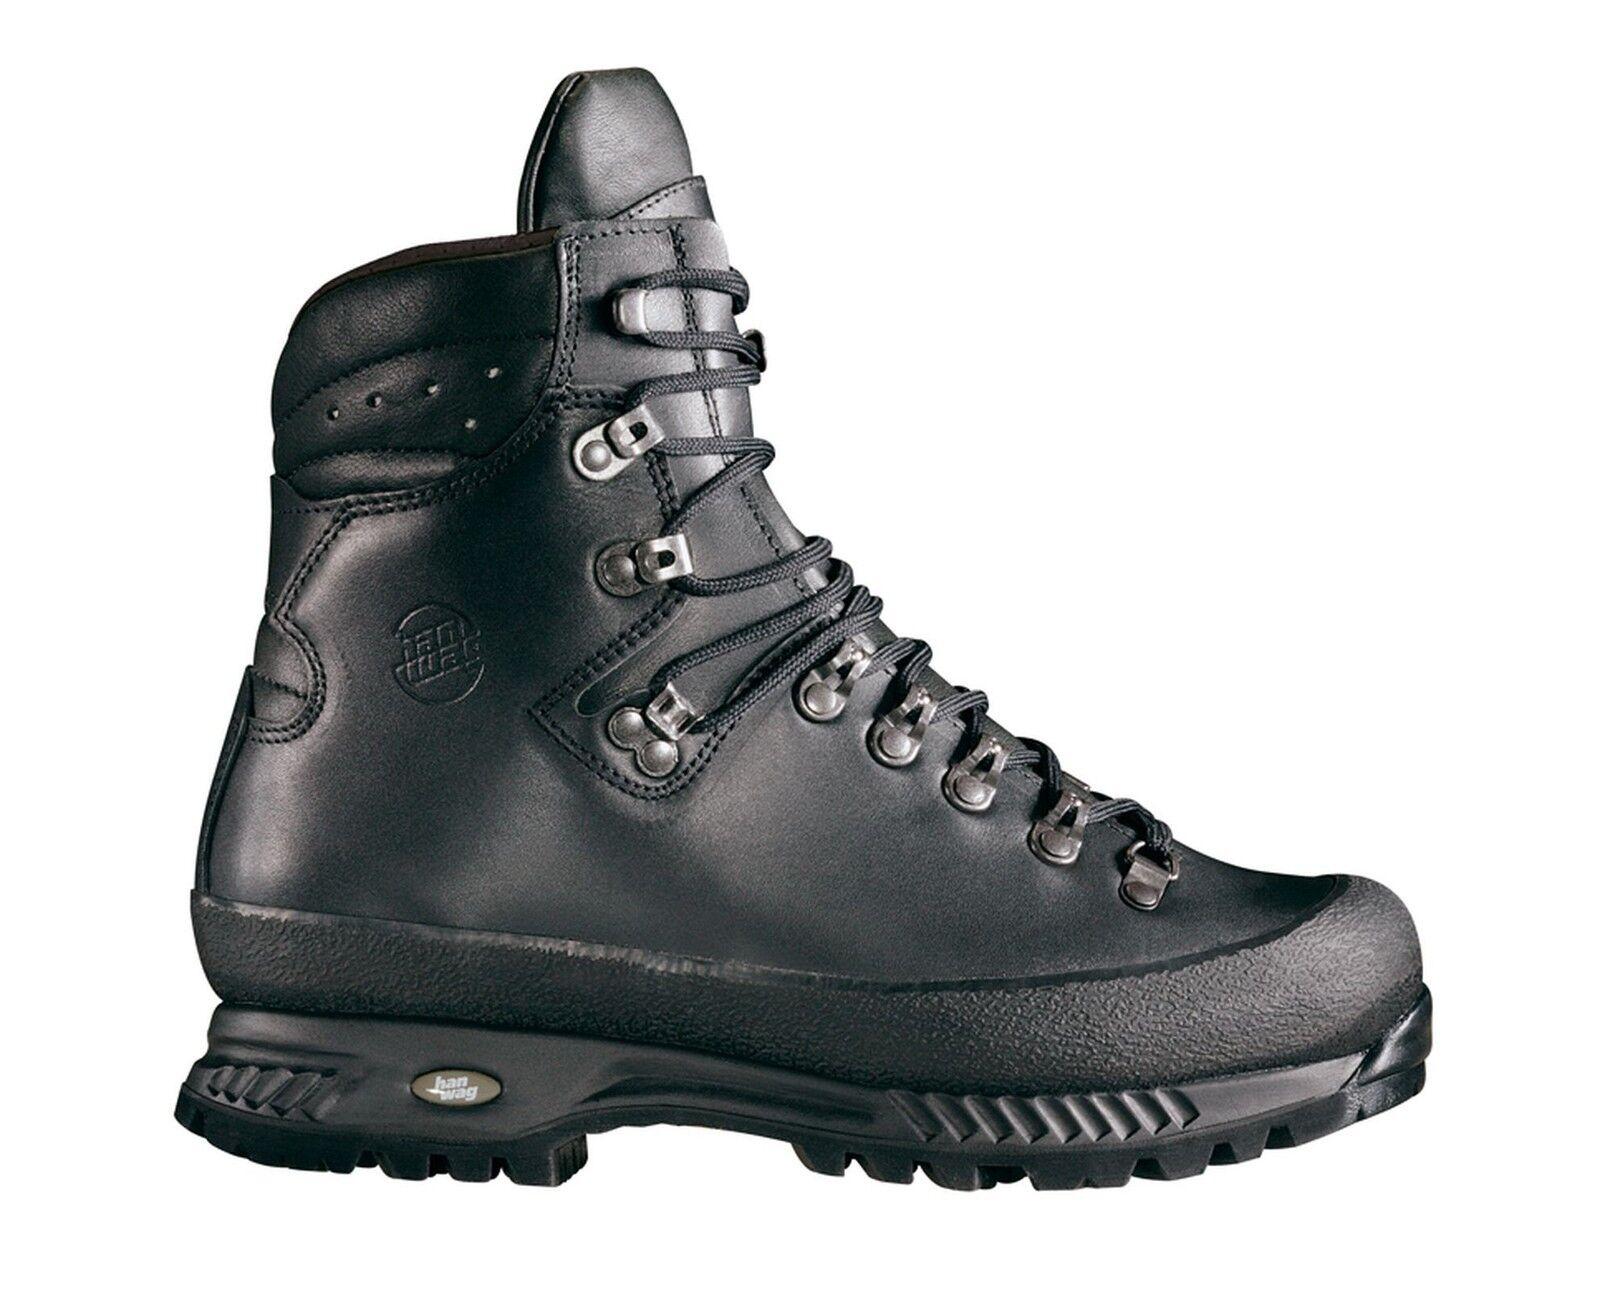 Hanwag zapatos de montaña  Yukon Men cuero tamaño 9 - 43 negro